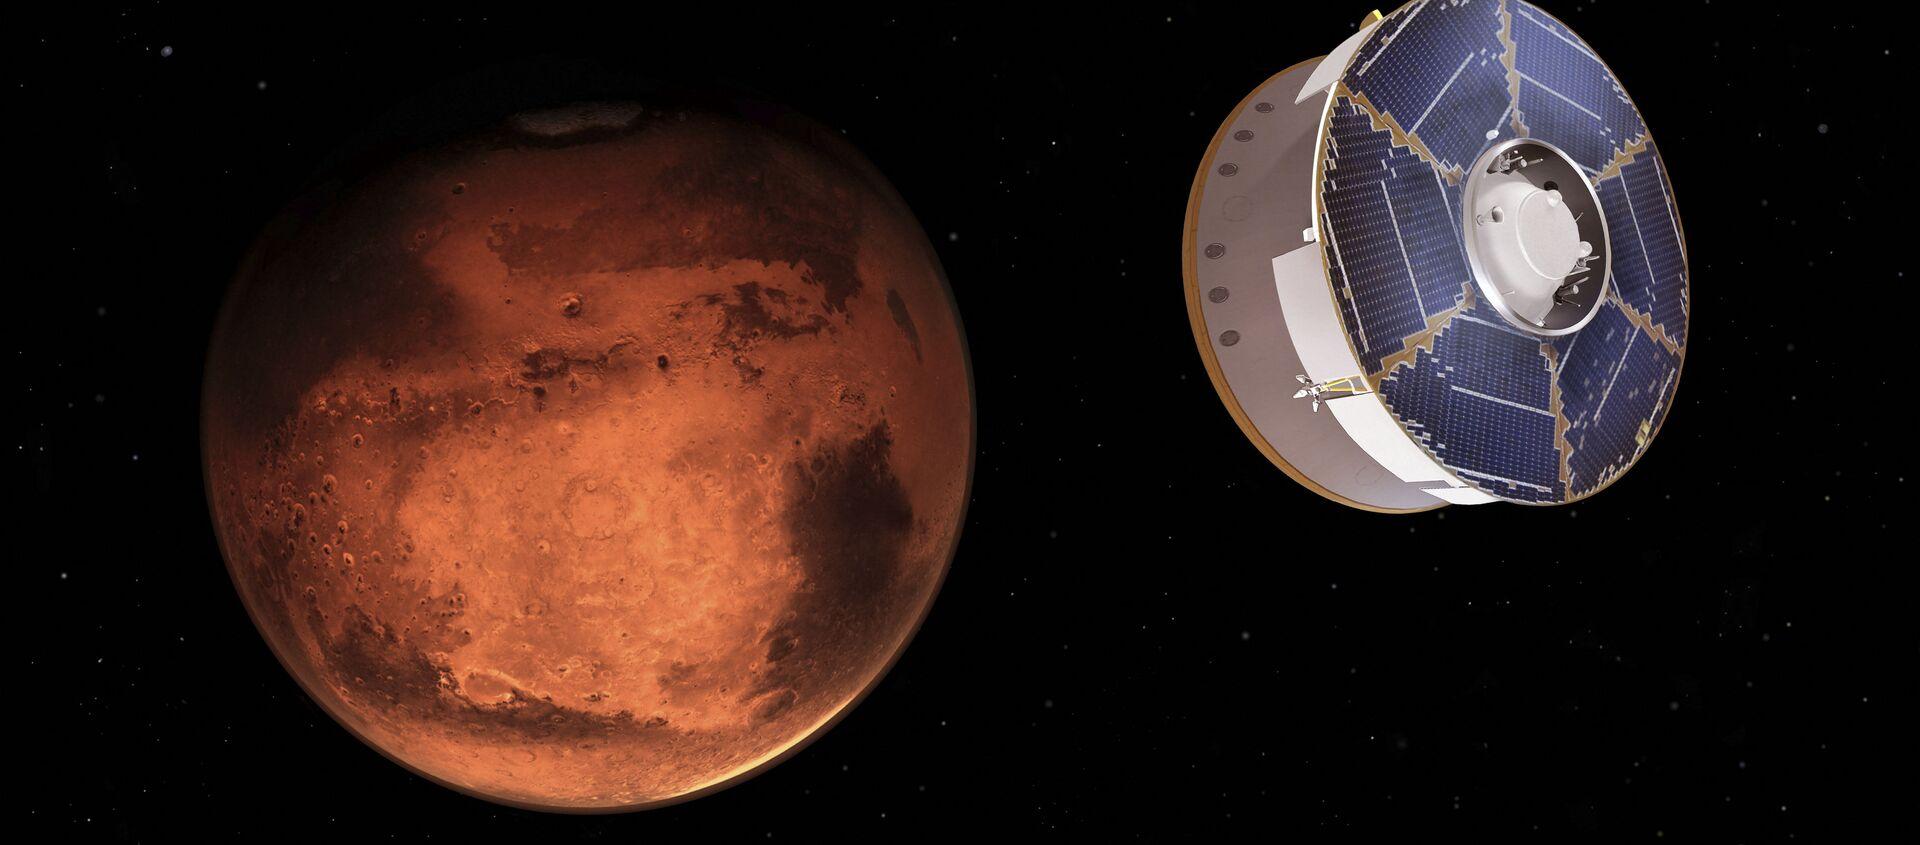 Марсоход Perseverance приближается к Марсу - Sputnik Беларусь, 1920, 21.02.2021